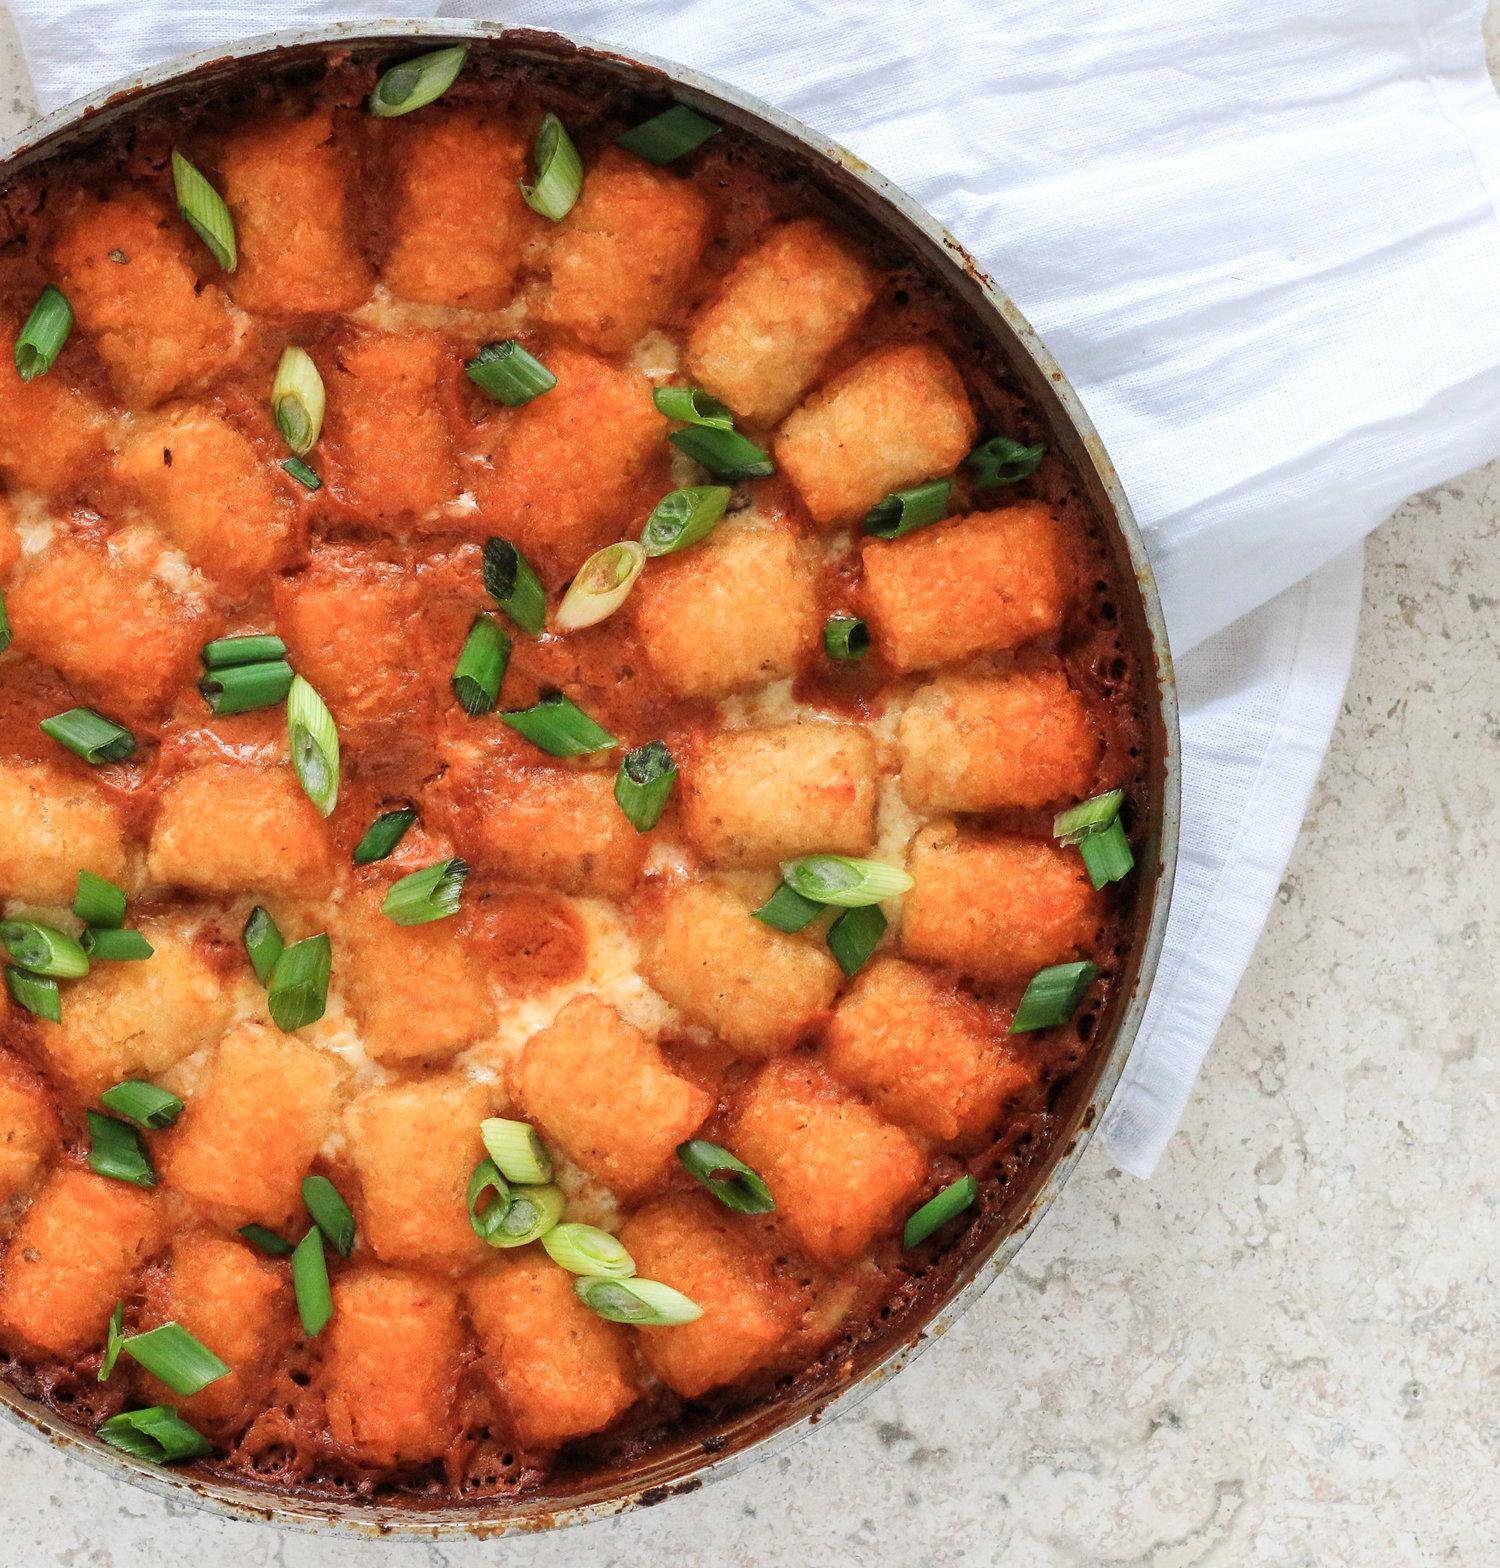 Chili Cheese Tater Tot Casserole